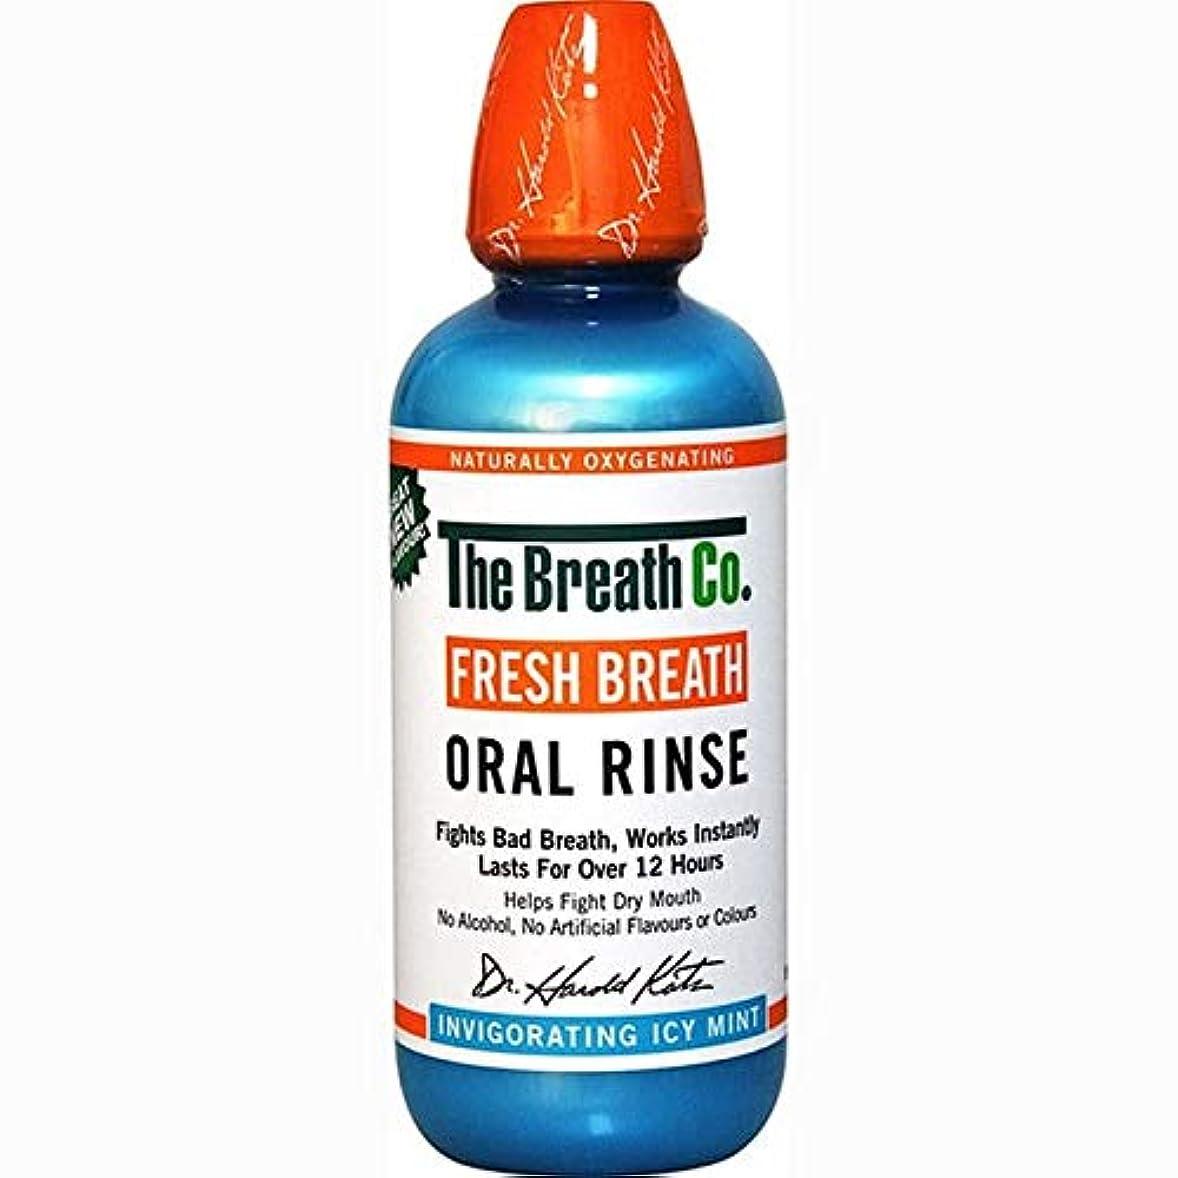 膨らみ費やす寝室を掃除する[The Breath Co] 息のCo新鮮な息口腔リンス氷のミント500ミリリットル - The Breath Co Fresh Breath Oral Rinse Icy Mint 500ml [並行輸入品]